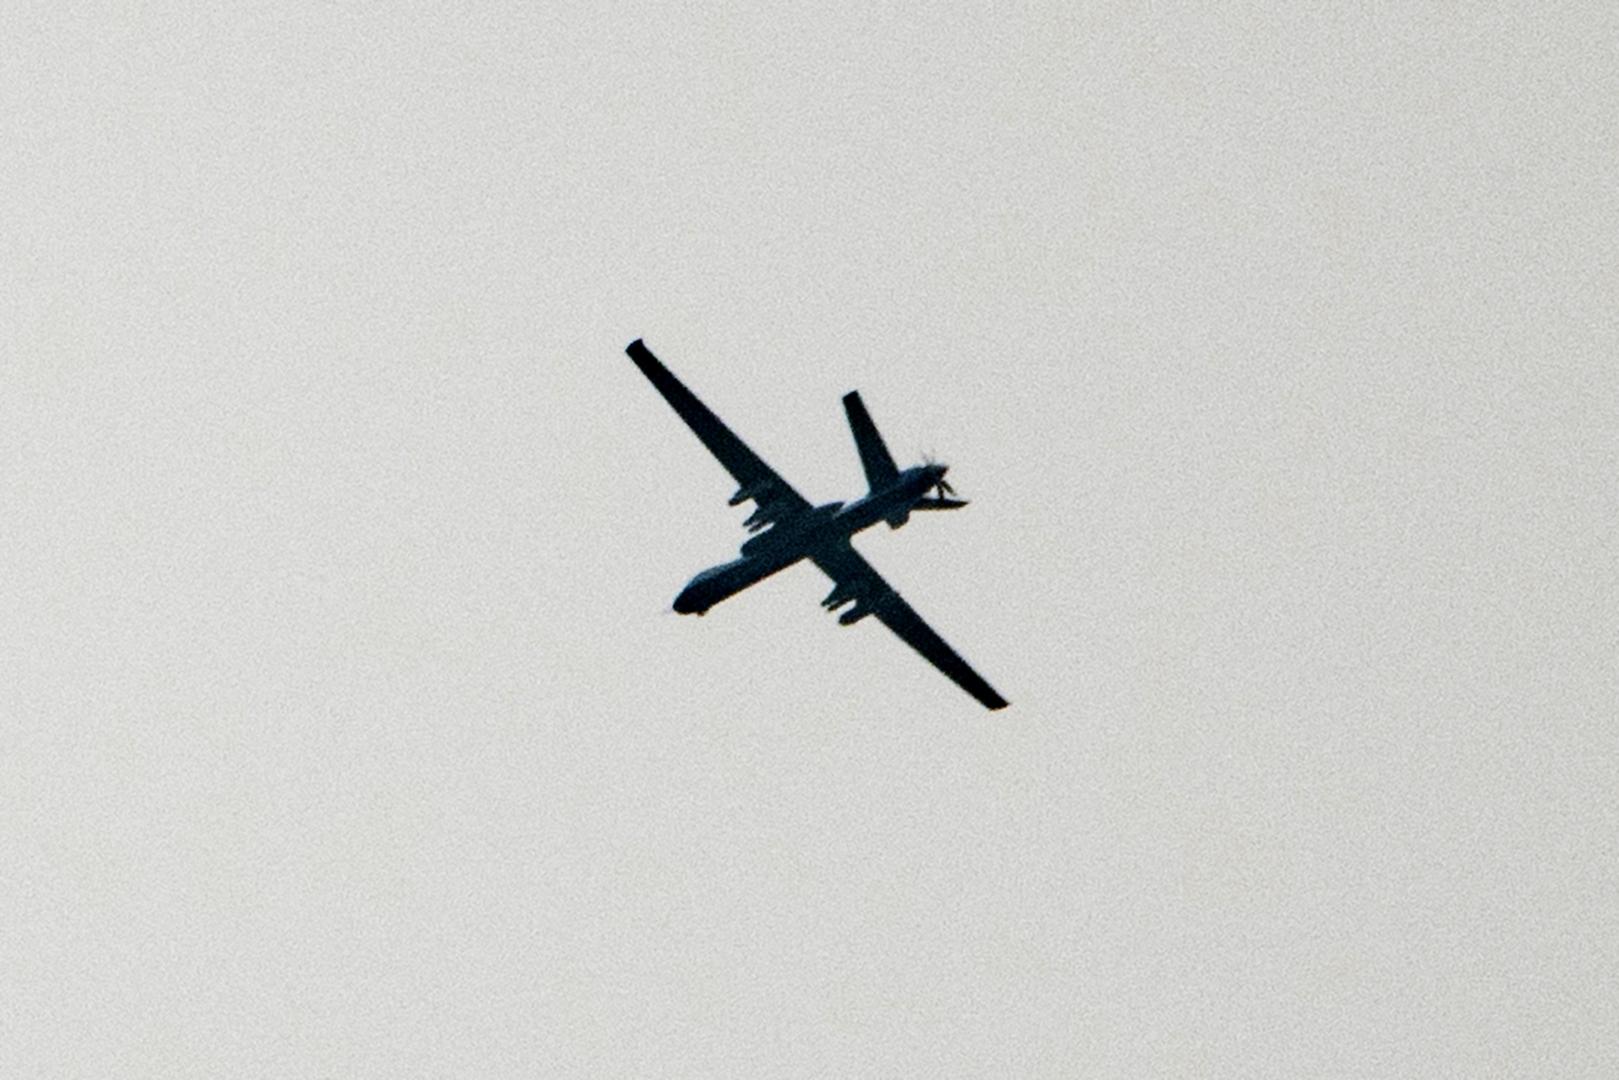 طائرة مسيرة في أجواء سوريا (أرشيف)